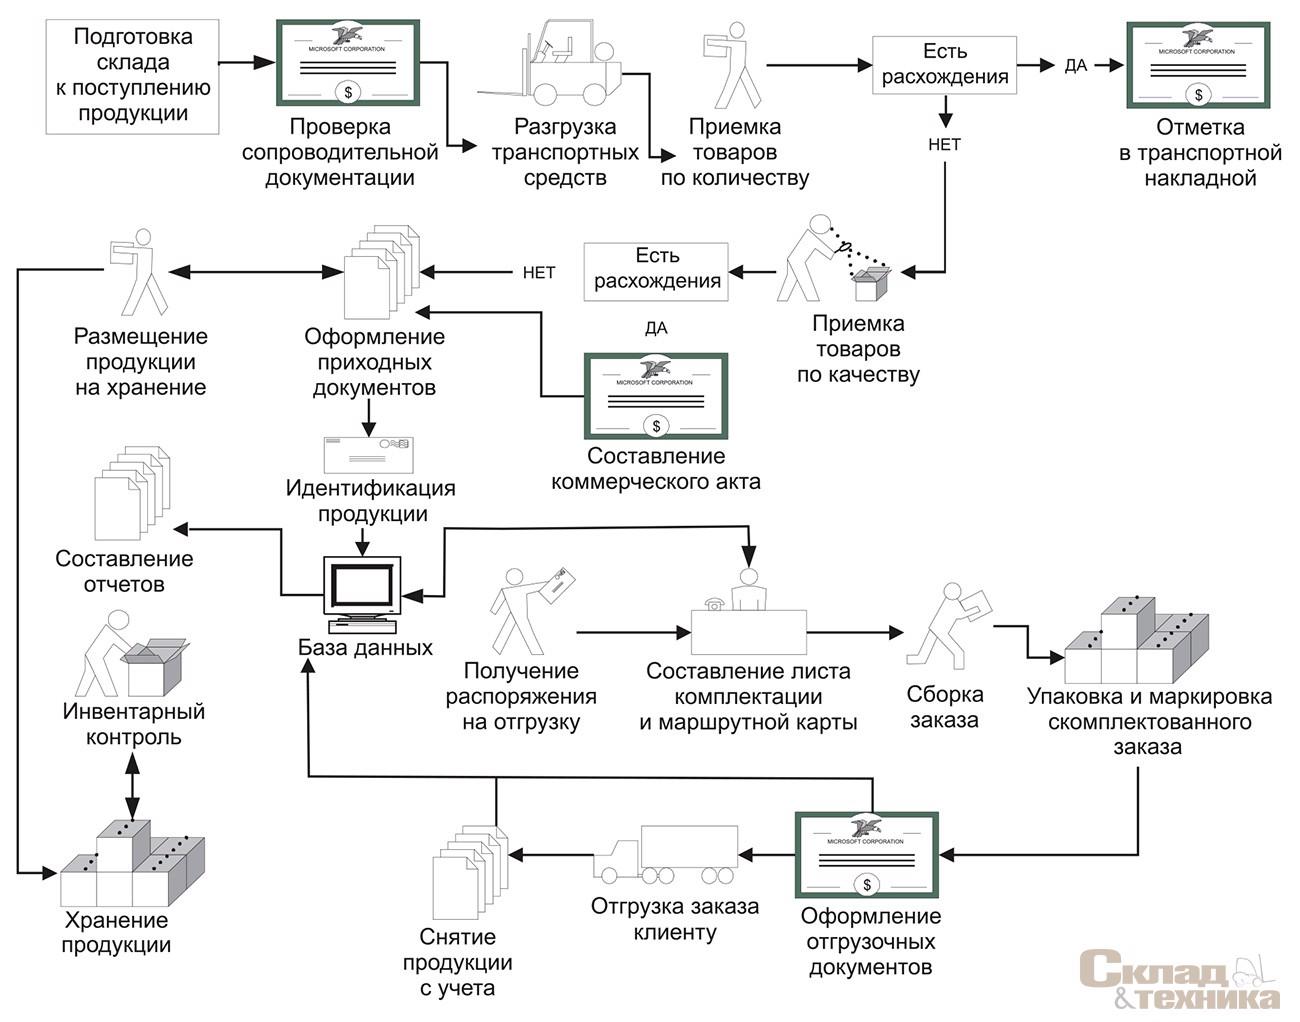 [b]Рис. 1.[/b] Типовой технологический процесс